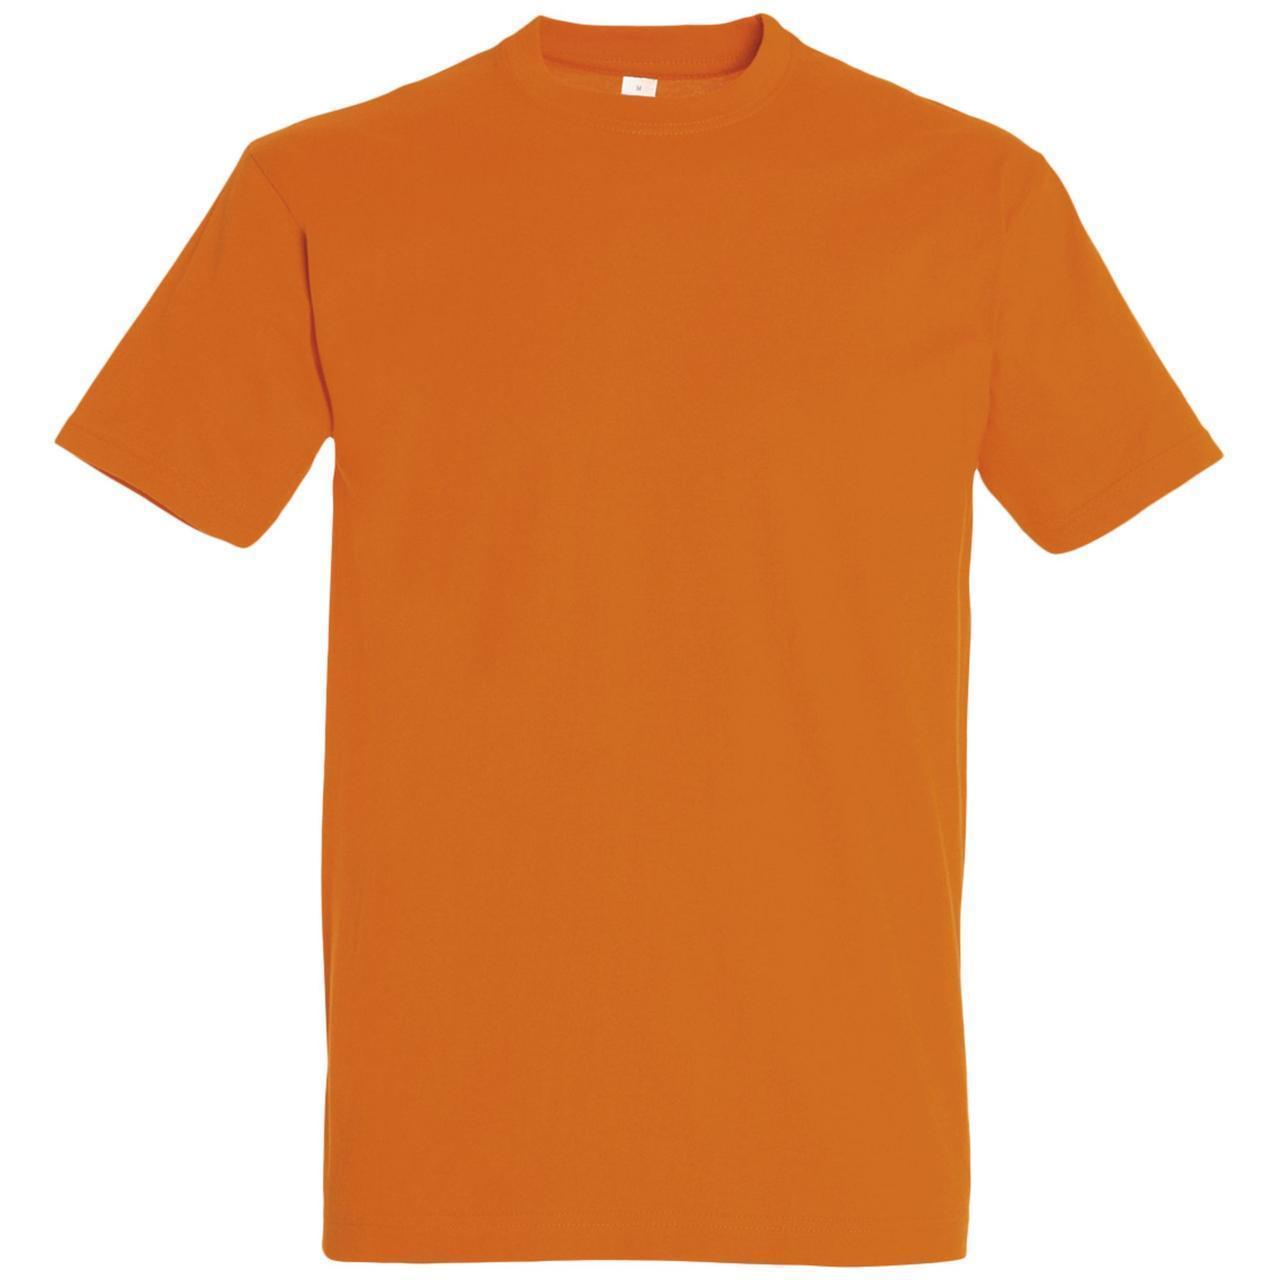 Oднотонная футболка   Оранжевая   160 гр.   XL